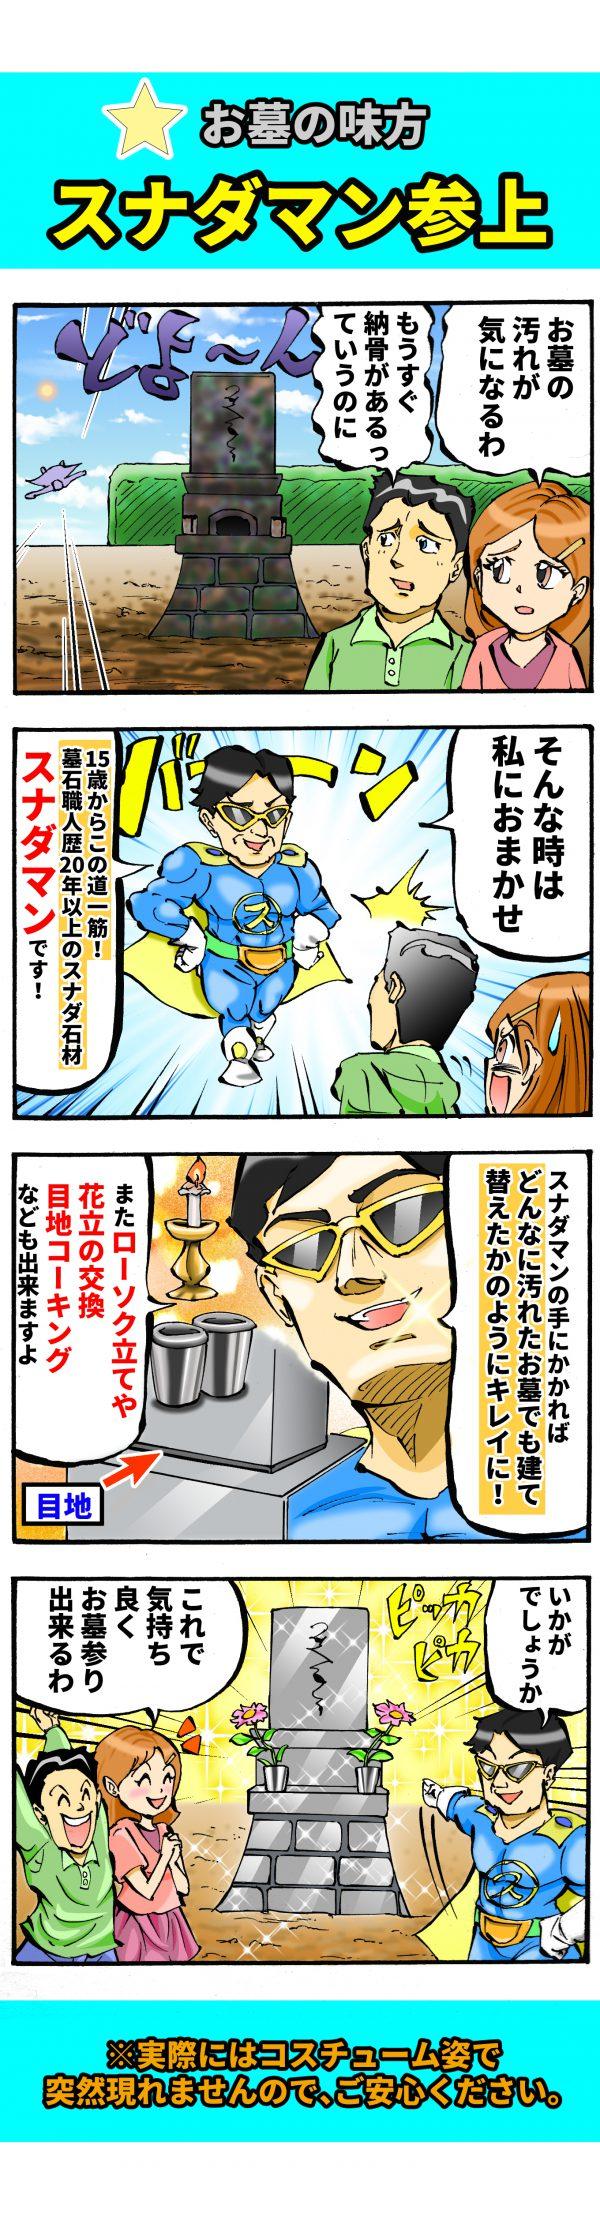 四コマ漫画 スナダマン